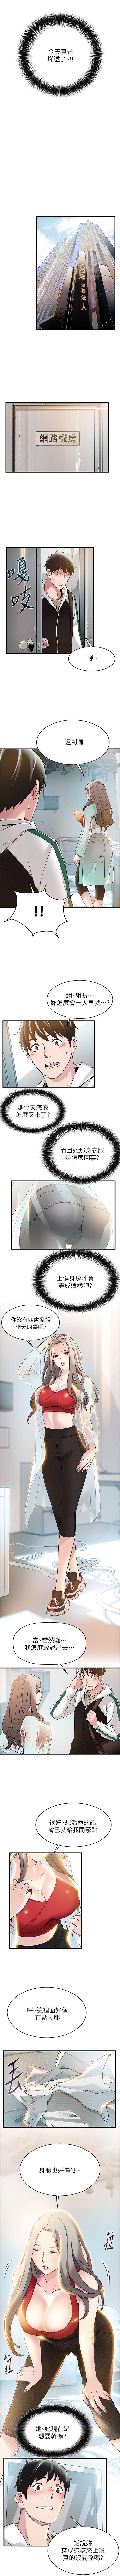 (週7)弱點 1-76 中文翻譯(更新中) 39